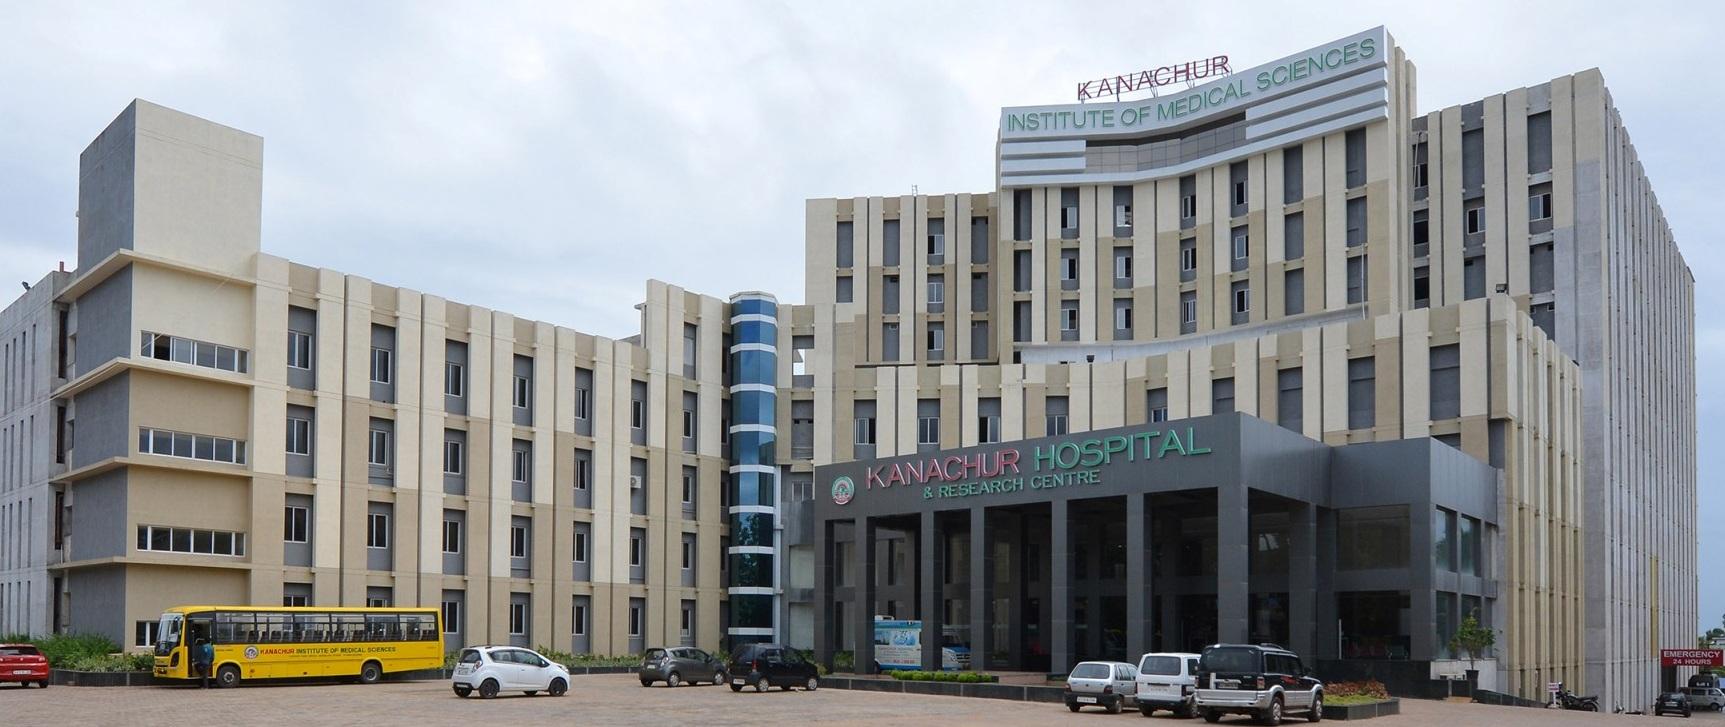 Kanachur Institute of Medical Sciences, Mangalore Image